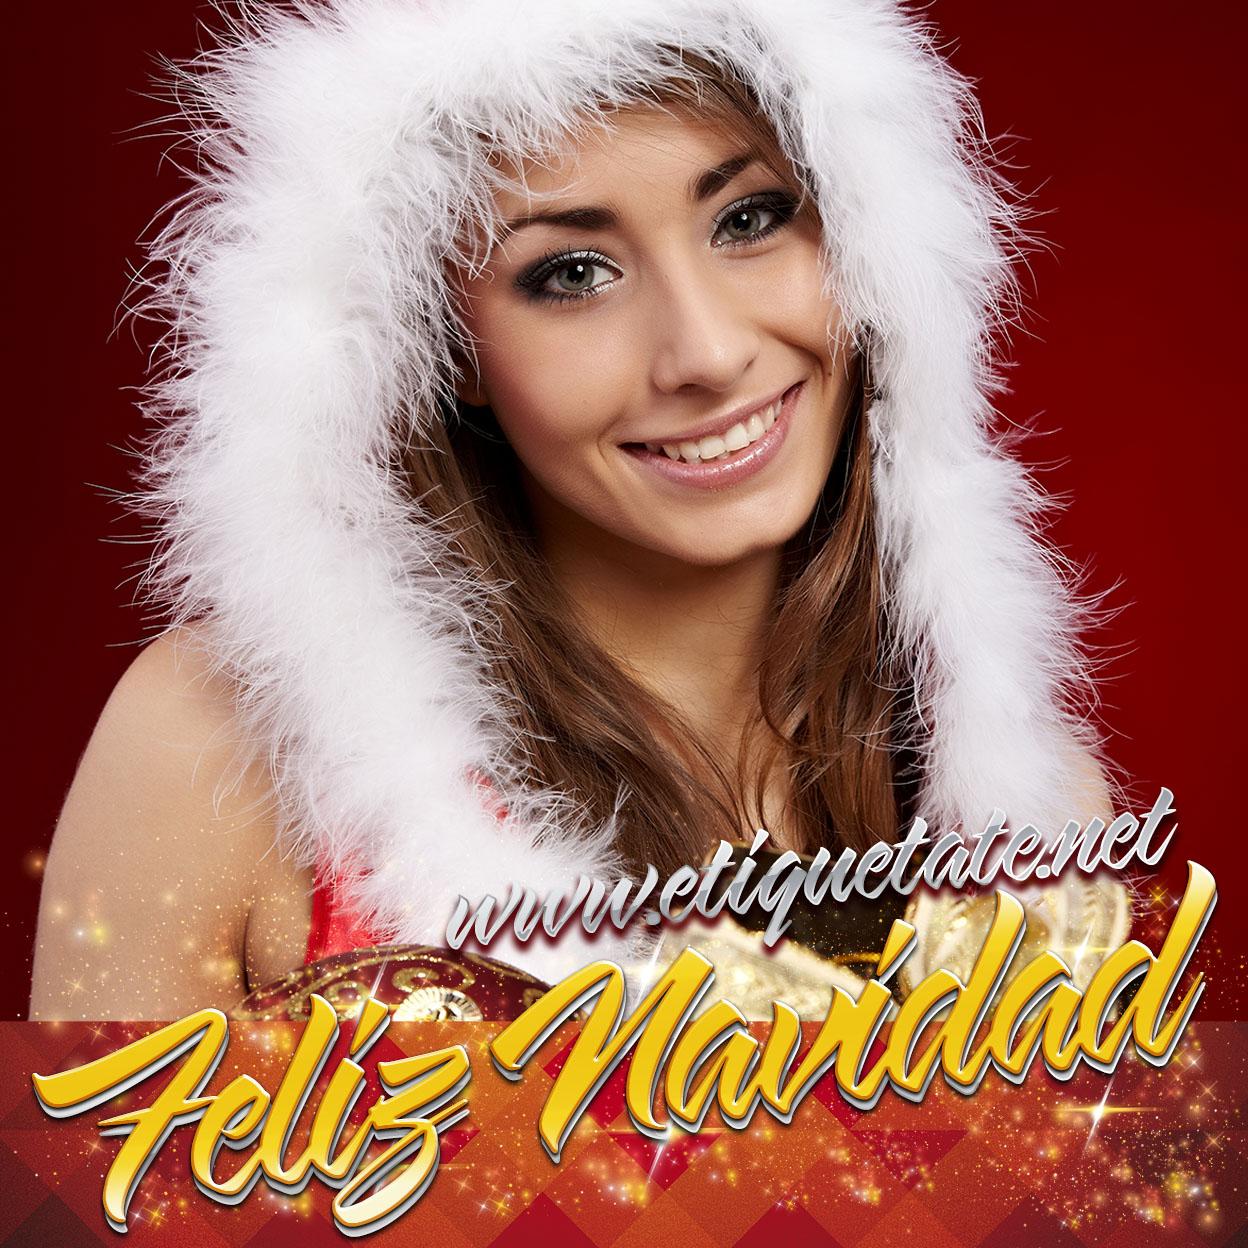 M�s de 10000 Im�genes para Navidad (Christmas Picture)